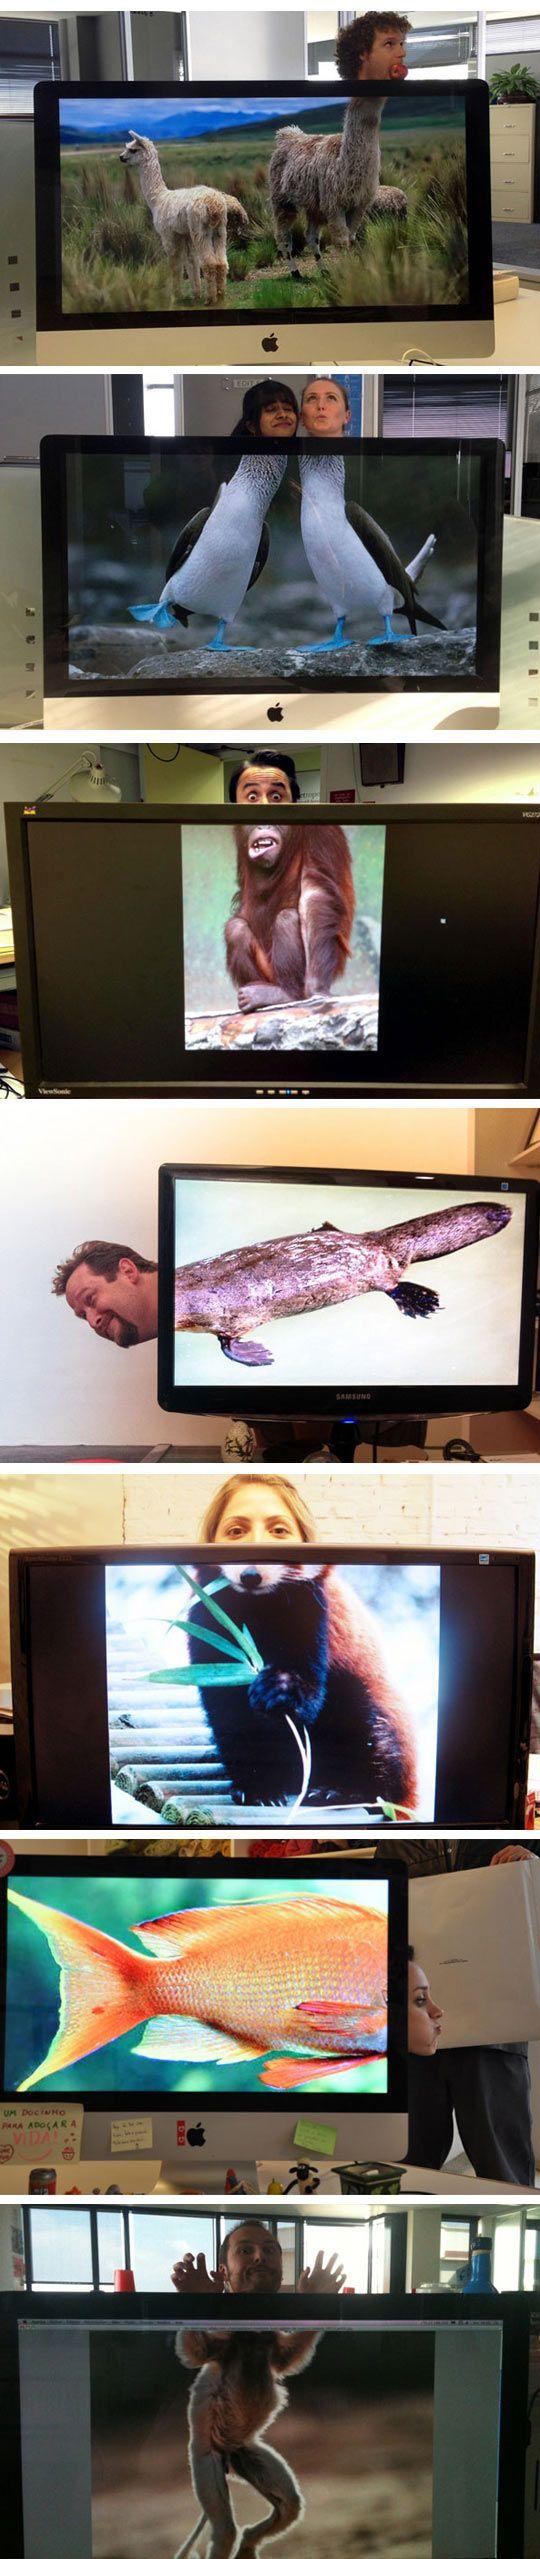 Funny Office Game - Desk Safari